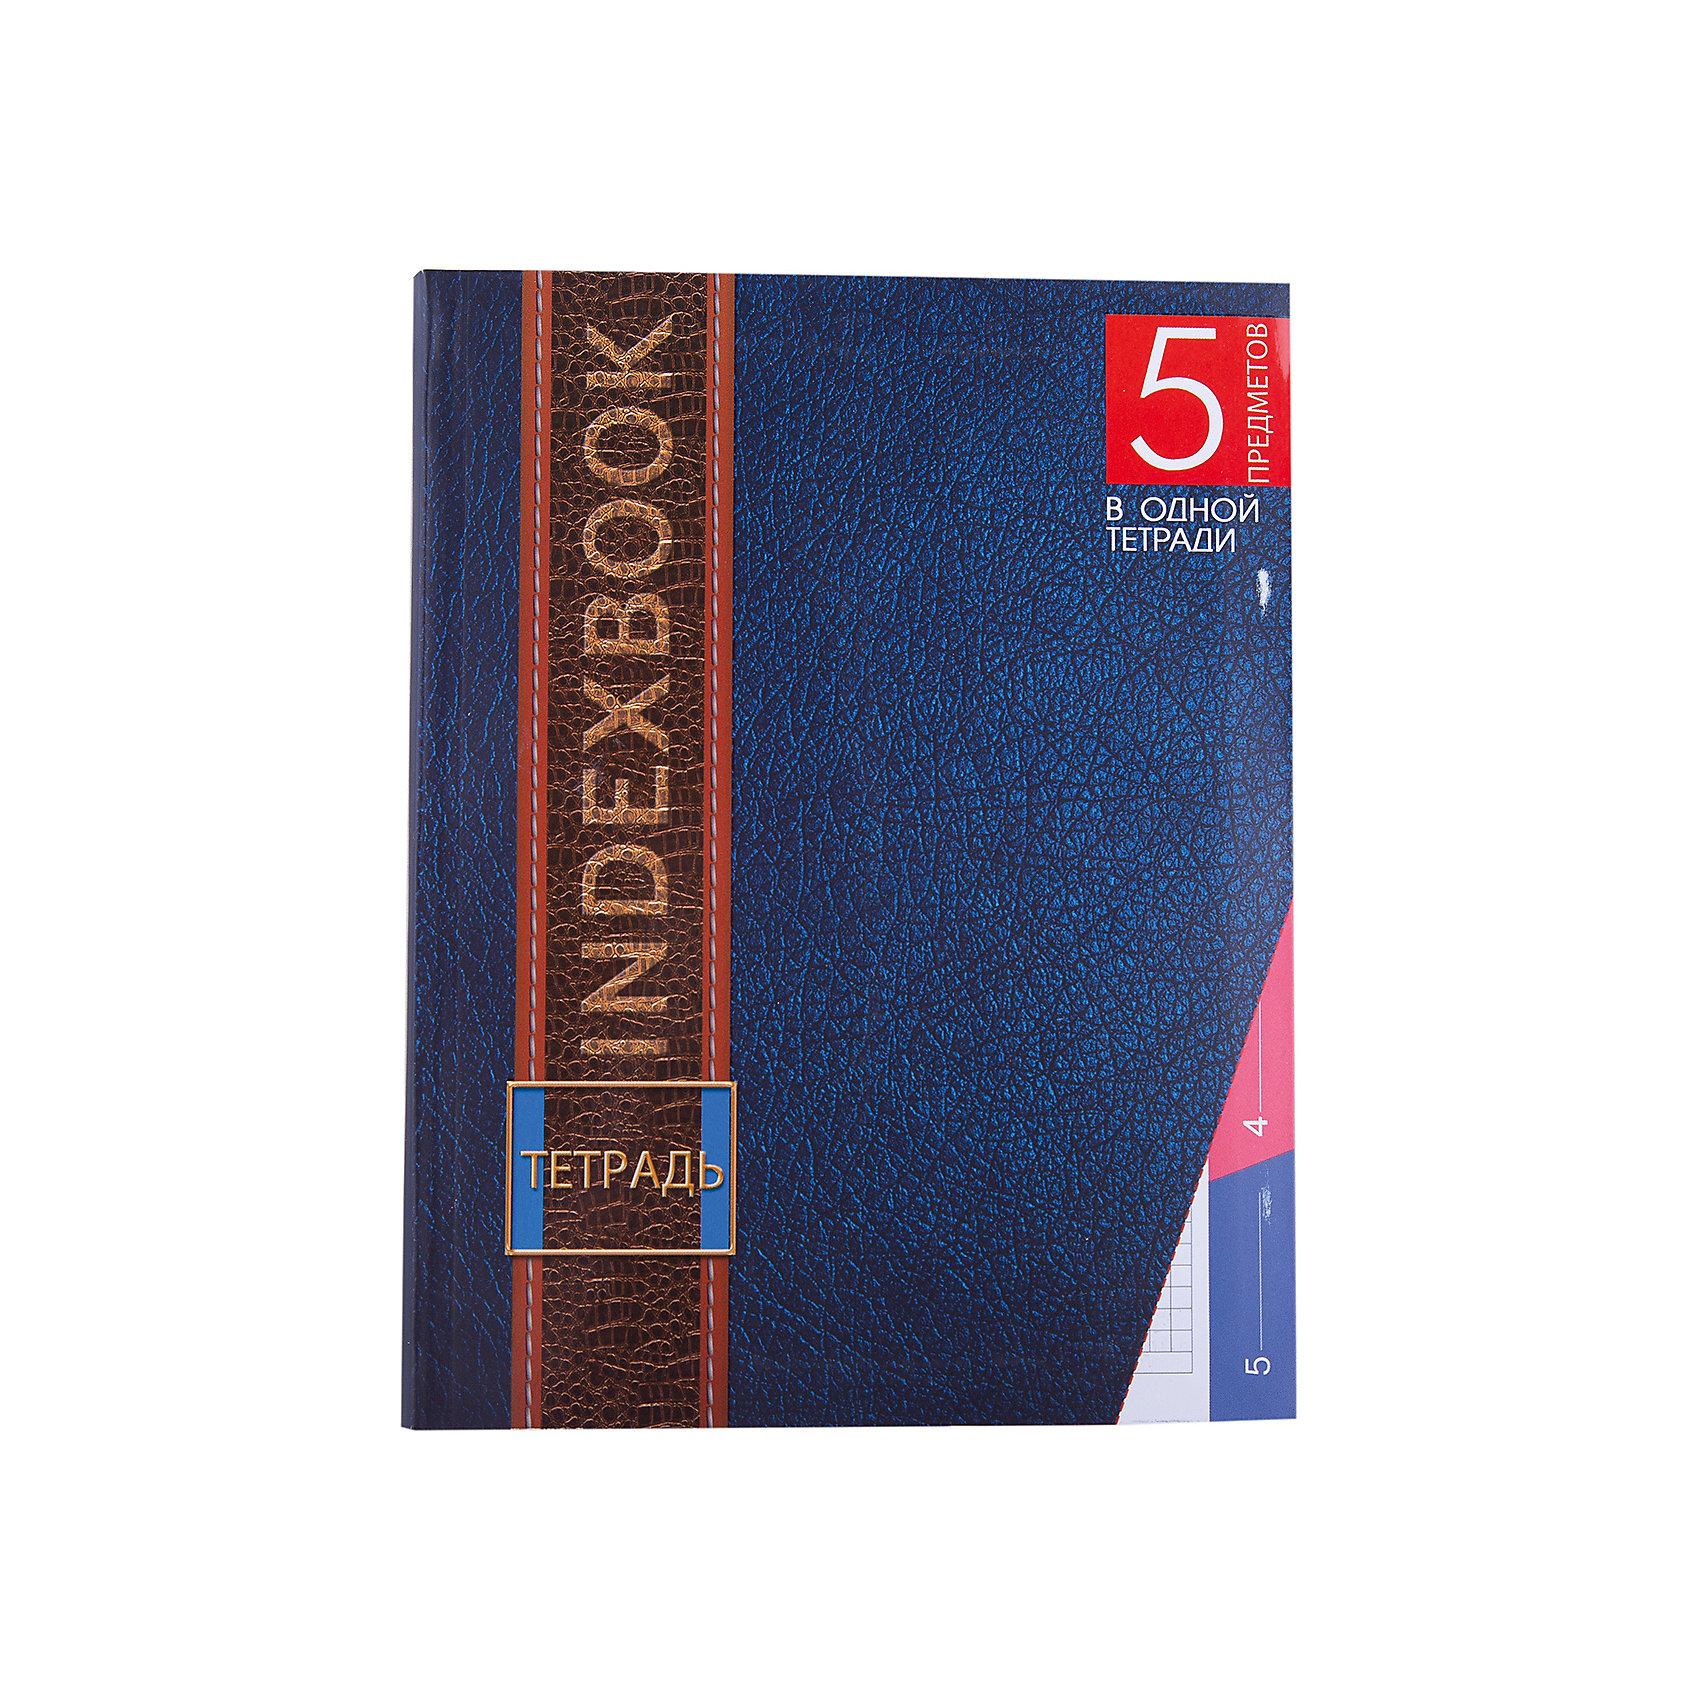 Тетрадь общая с разделителями.Бумажная продукция<br>Характеристики товара:<br><br>• возраст: от 3 лет;<br>• формат: А5;<br>• количество листов: 128;<br>• бумага: офсетная;<br>• линовка: клетка;<br>• вид крепления: книжное (прошивка);<br>• переплет: интегральный;<br>• размер: 21,5х16,4х1 см.;<br>• вес: 275 гр.;<br>• страна бренда: Россия;<br>• страна изготовитель: Россия.<br><br>Тетрадь общая с разделителями, для пяти предметов с высечкой, 128 листов - обеспечивает возможность вести конспекты по нескольким предметам одновременно. Внутренний блок, изготовленный из качественной бумаги, содержит 128 листов в клетку. Интегральная обложка оформлена ярким и красивым дизайном с выборочным УФ-лакировкой, что надолго сохранит презентабельный внешний вид.<br><br>Тетрадь общая с разделителями, для пяти предметов с высечкой, 128 листов, можно купить в нашем интернет-магазине.<br><br>Ширина мм: 215<br>Глубина мм: 164<br>Высота мм: 10<br>Вес г: 275<br>Возраст от месяцев: 36<br>Возраст до месяцев: 1188<br>Пол: Унисекс<br>Возраст: Детский<br>SKU: 6992520